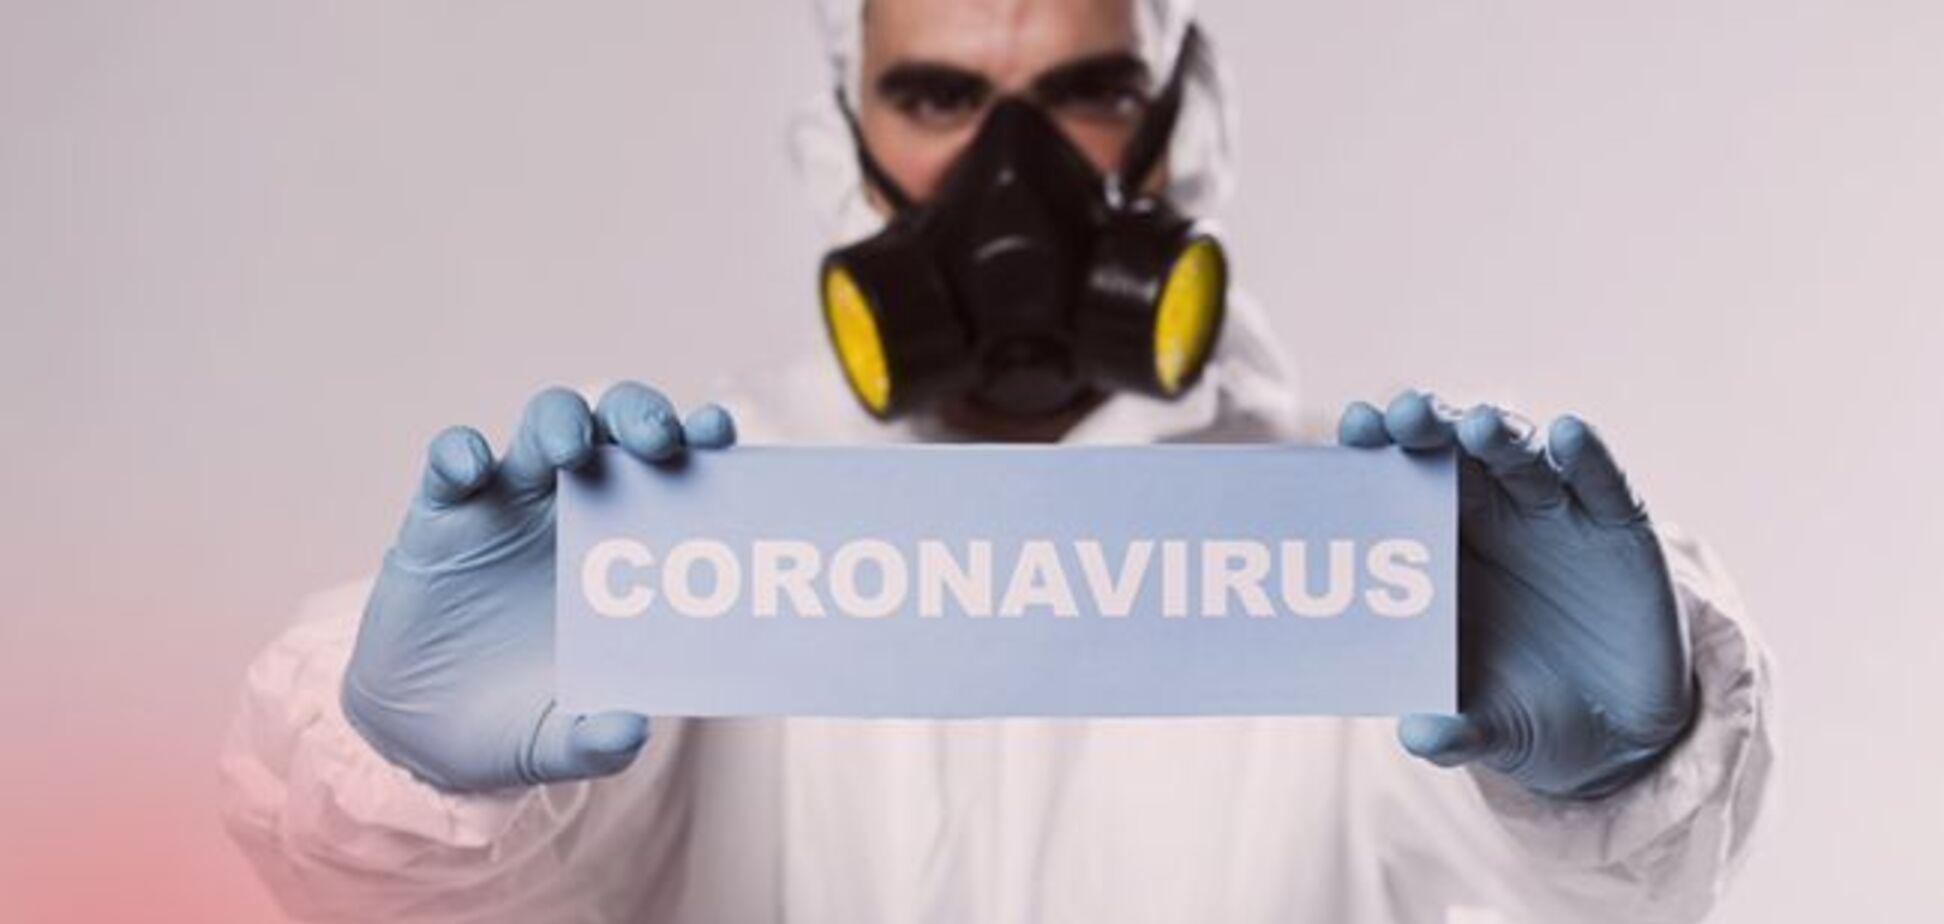 Коронавірус атакує Україну та світ: дані на 19 березня. Постійно оновлюється